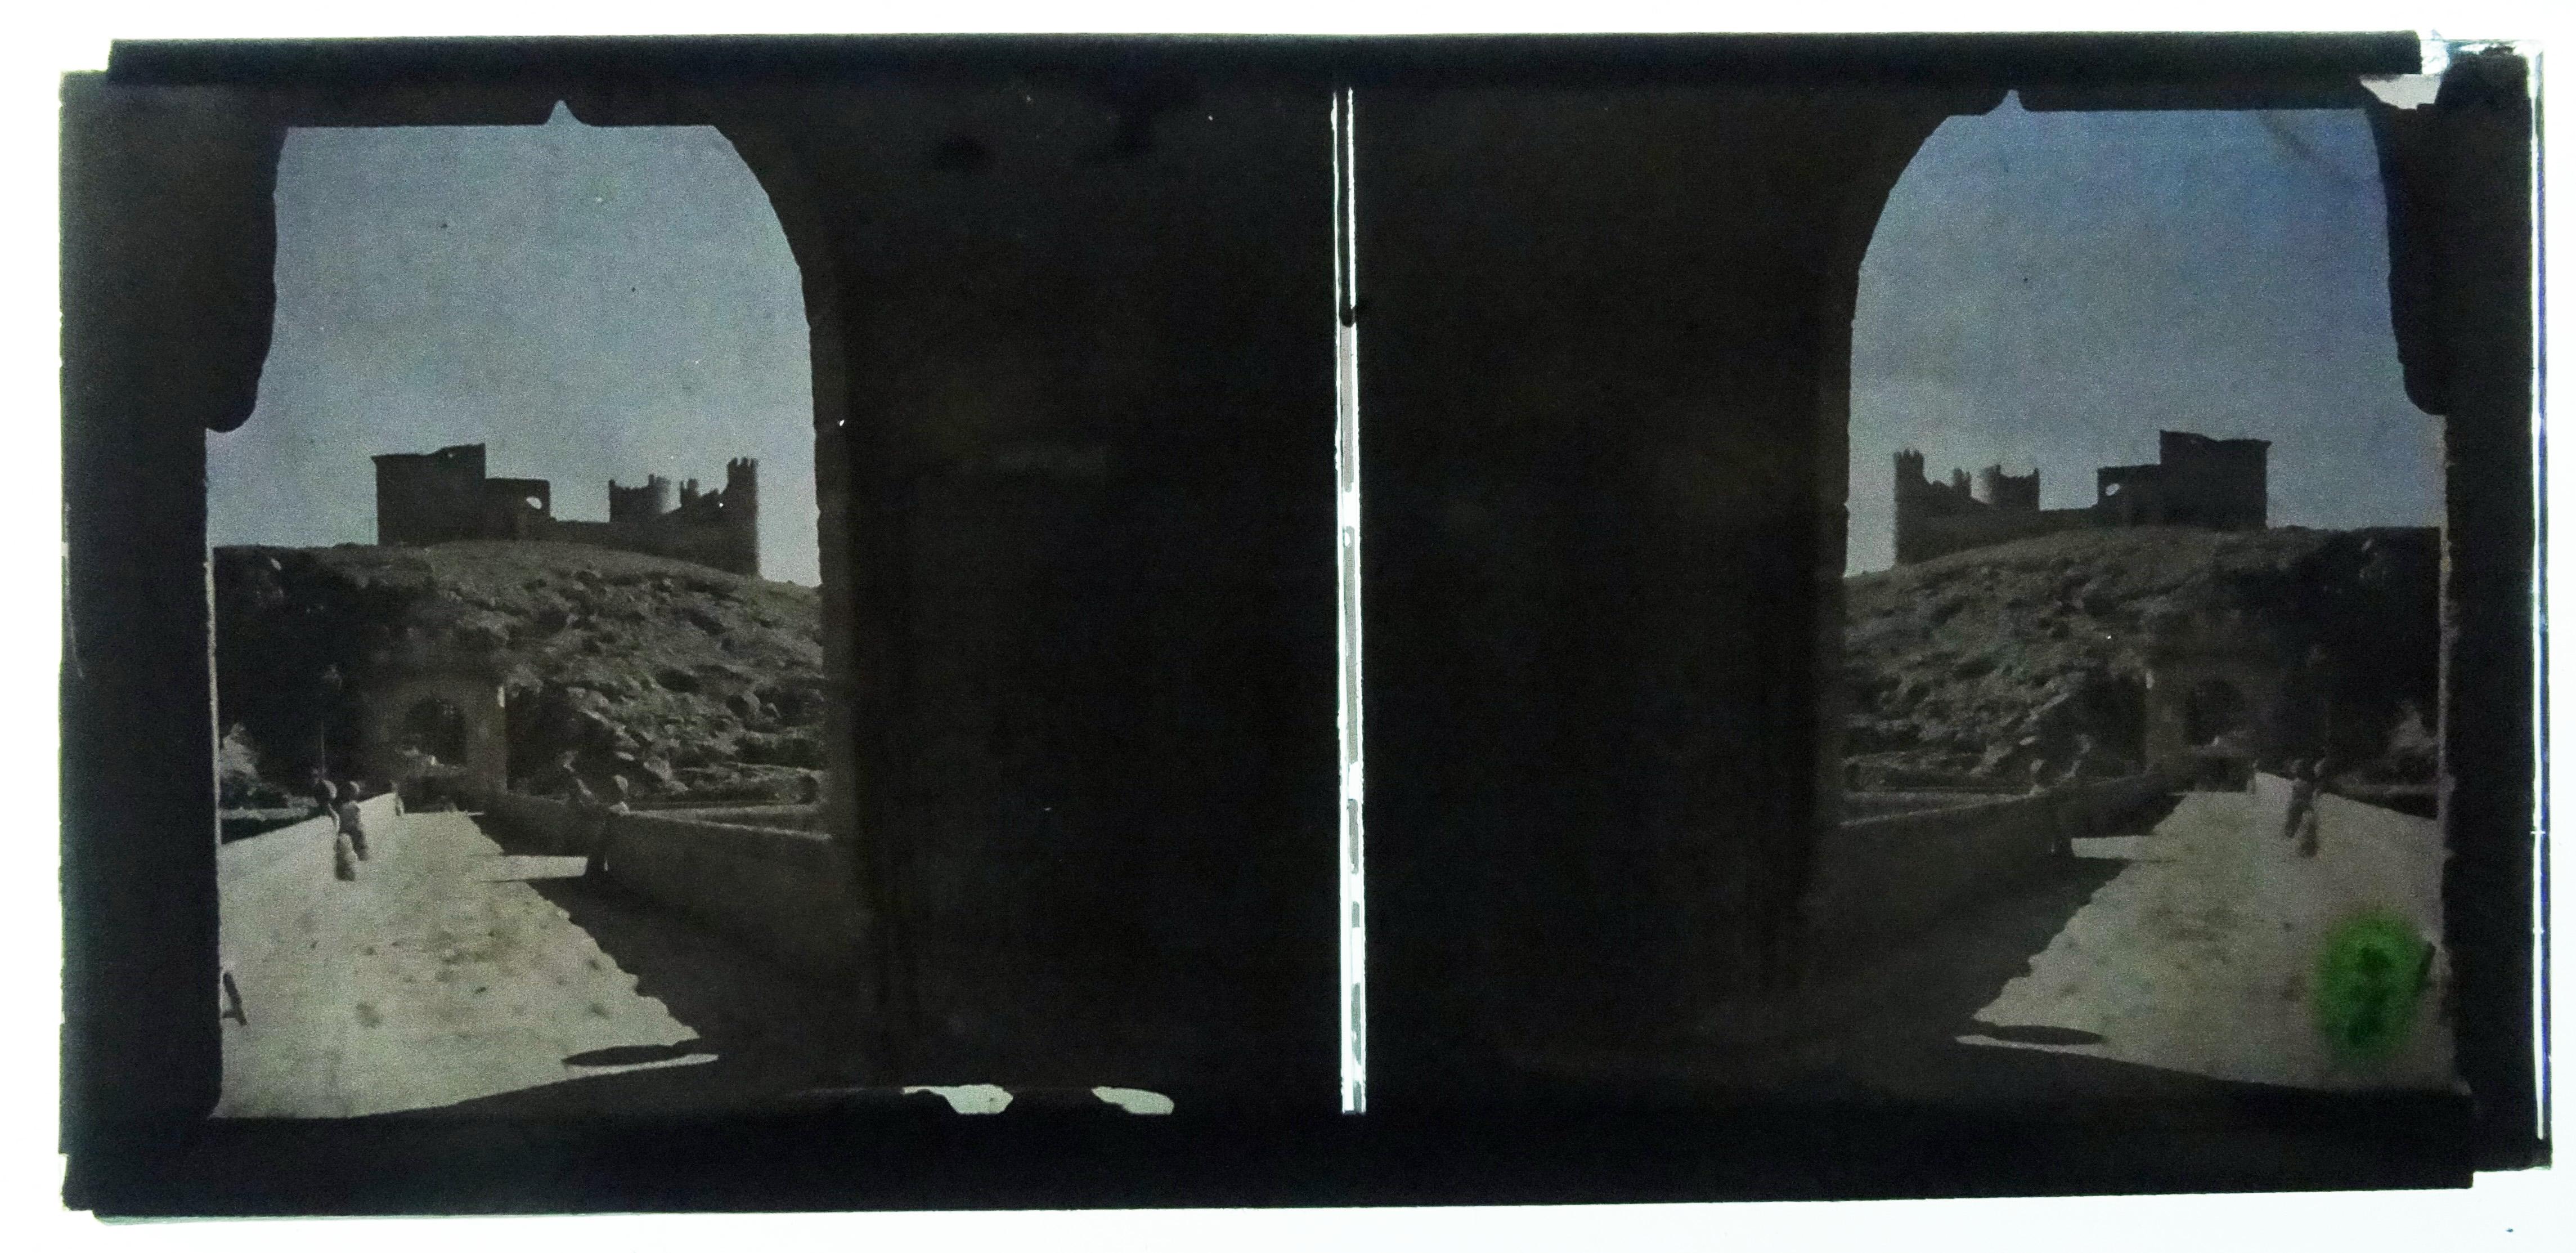 Autocromo del Castillo de San Servando y el Puente de Alcántara. Fotografía de Francisco Rodríguez Avial hacia 1910 © Herederos de Francisco Rodríguez Avial